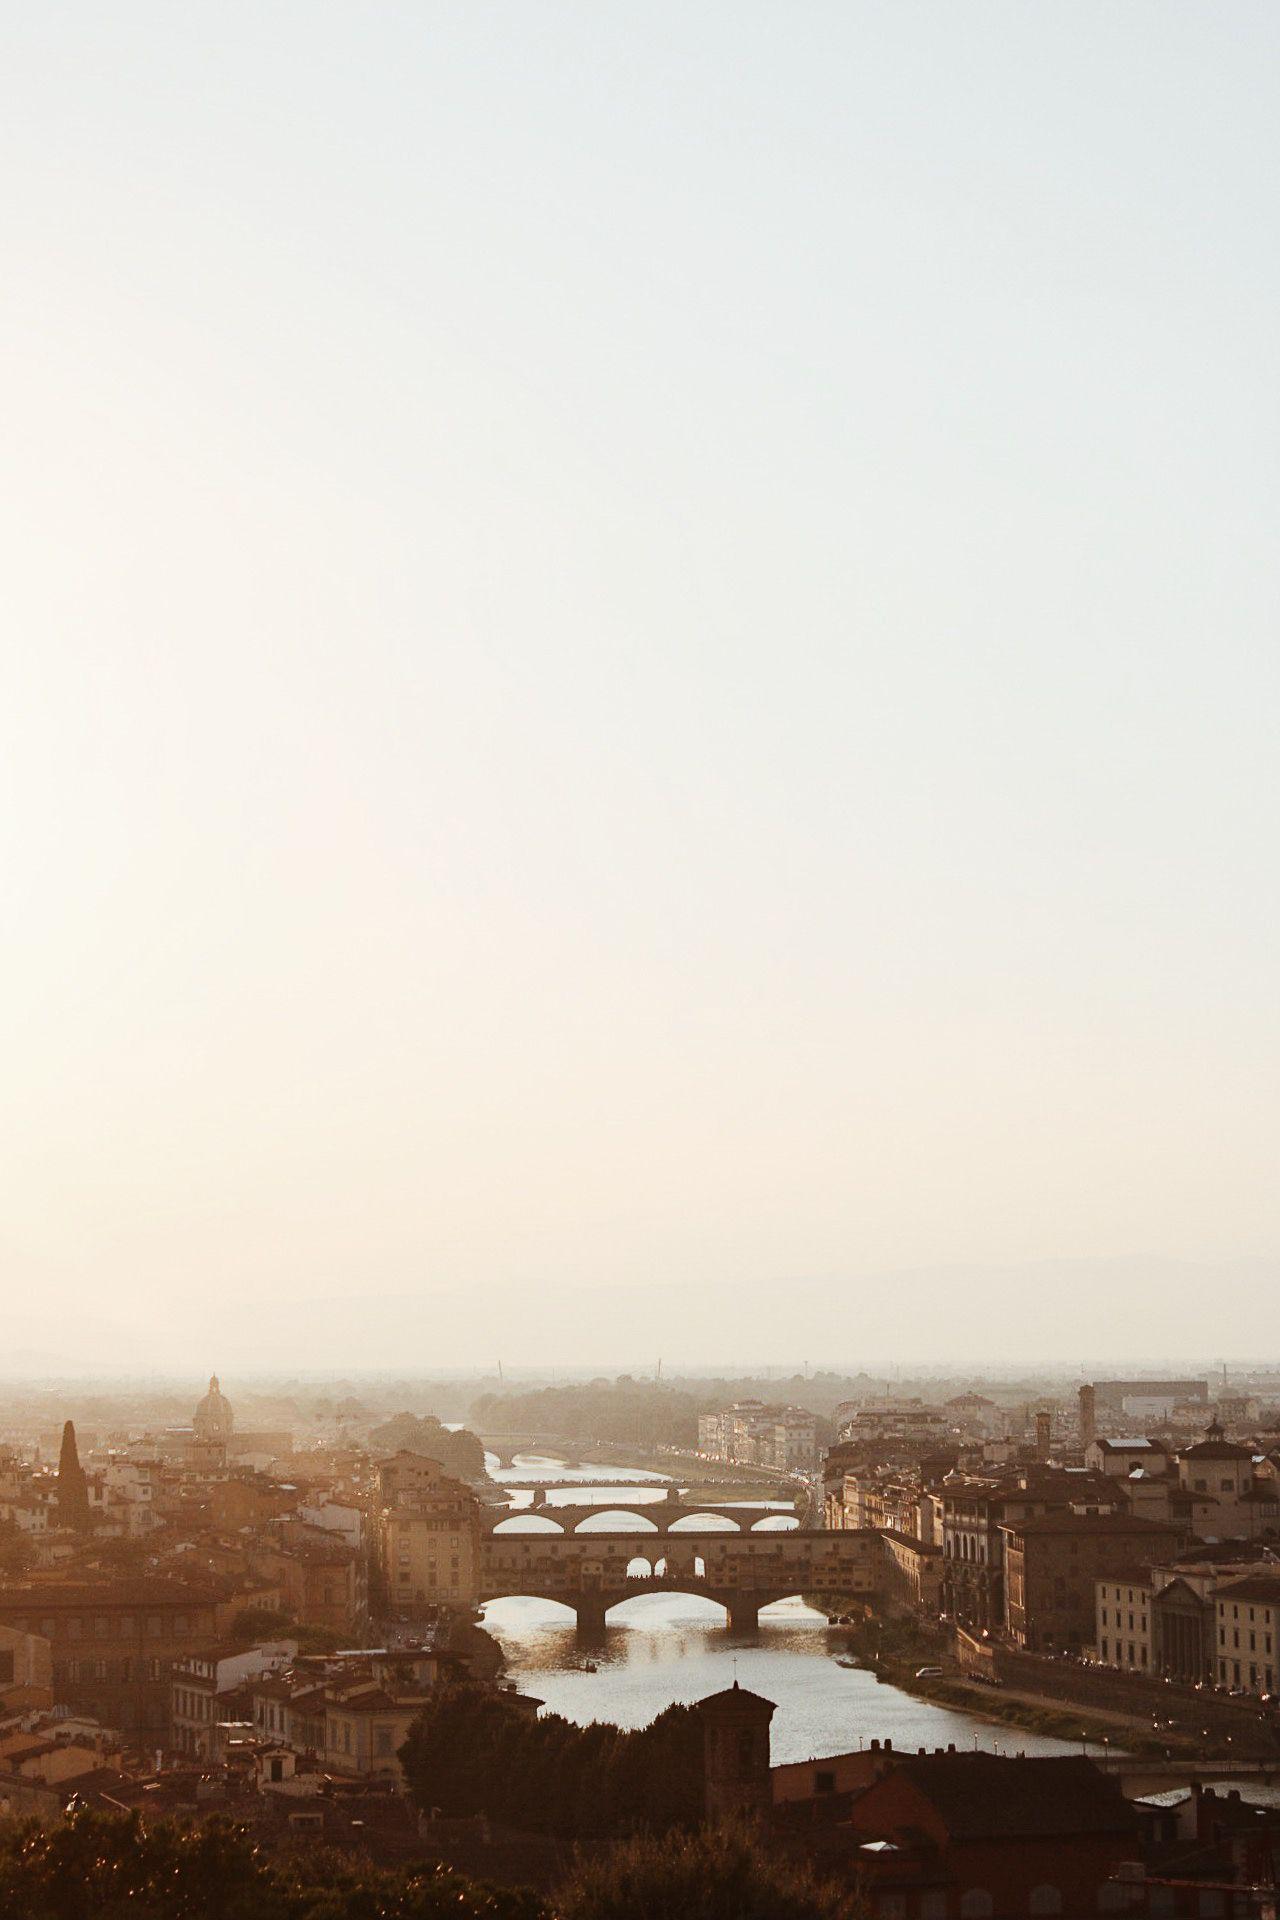 Atardecer en Florencia desde Piazzale Michelangelo